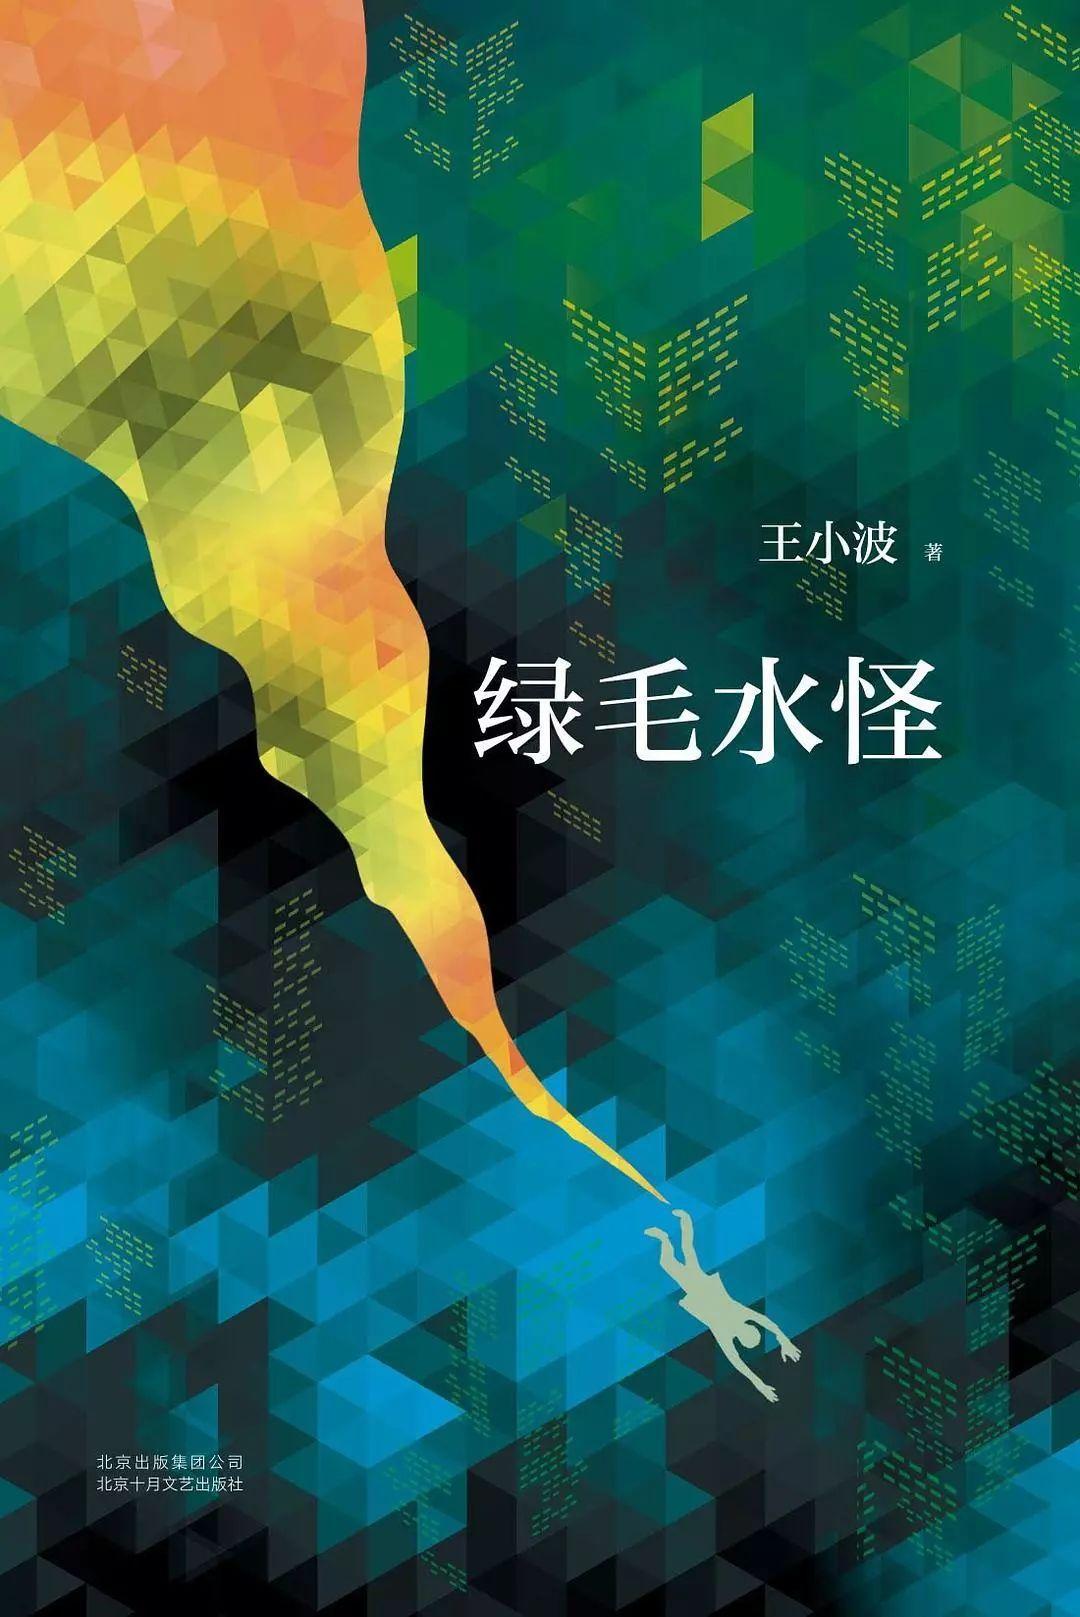 王小波:《绿毛水怪》_闲闲书话_论坛_天涯社区